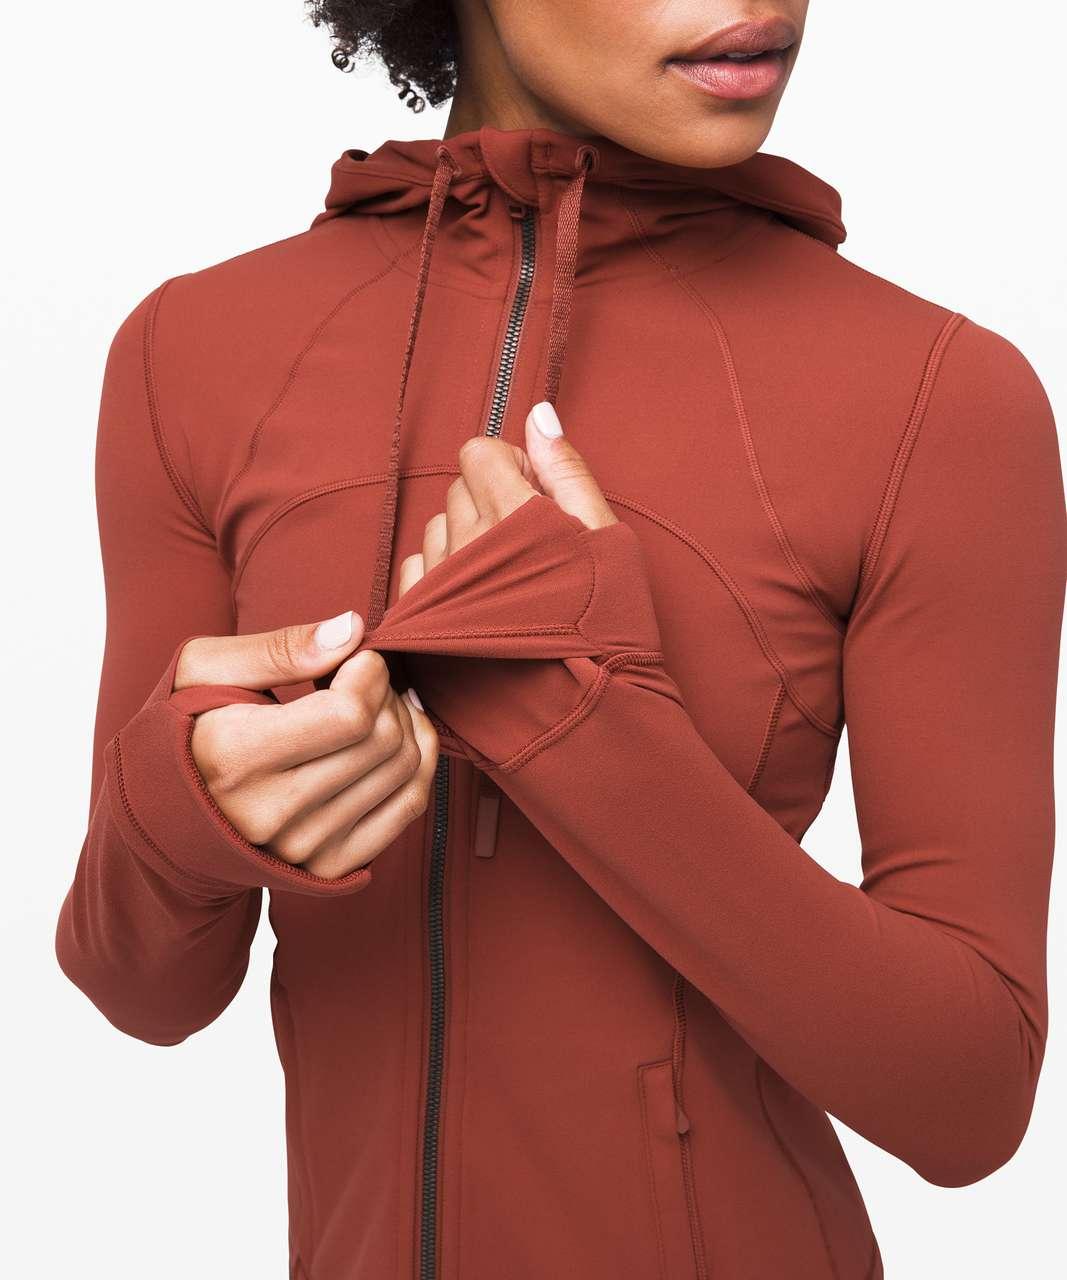 Lululemon Hooded Define Jacket *Nulu - Rustic Clay